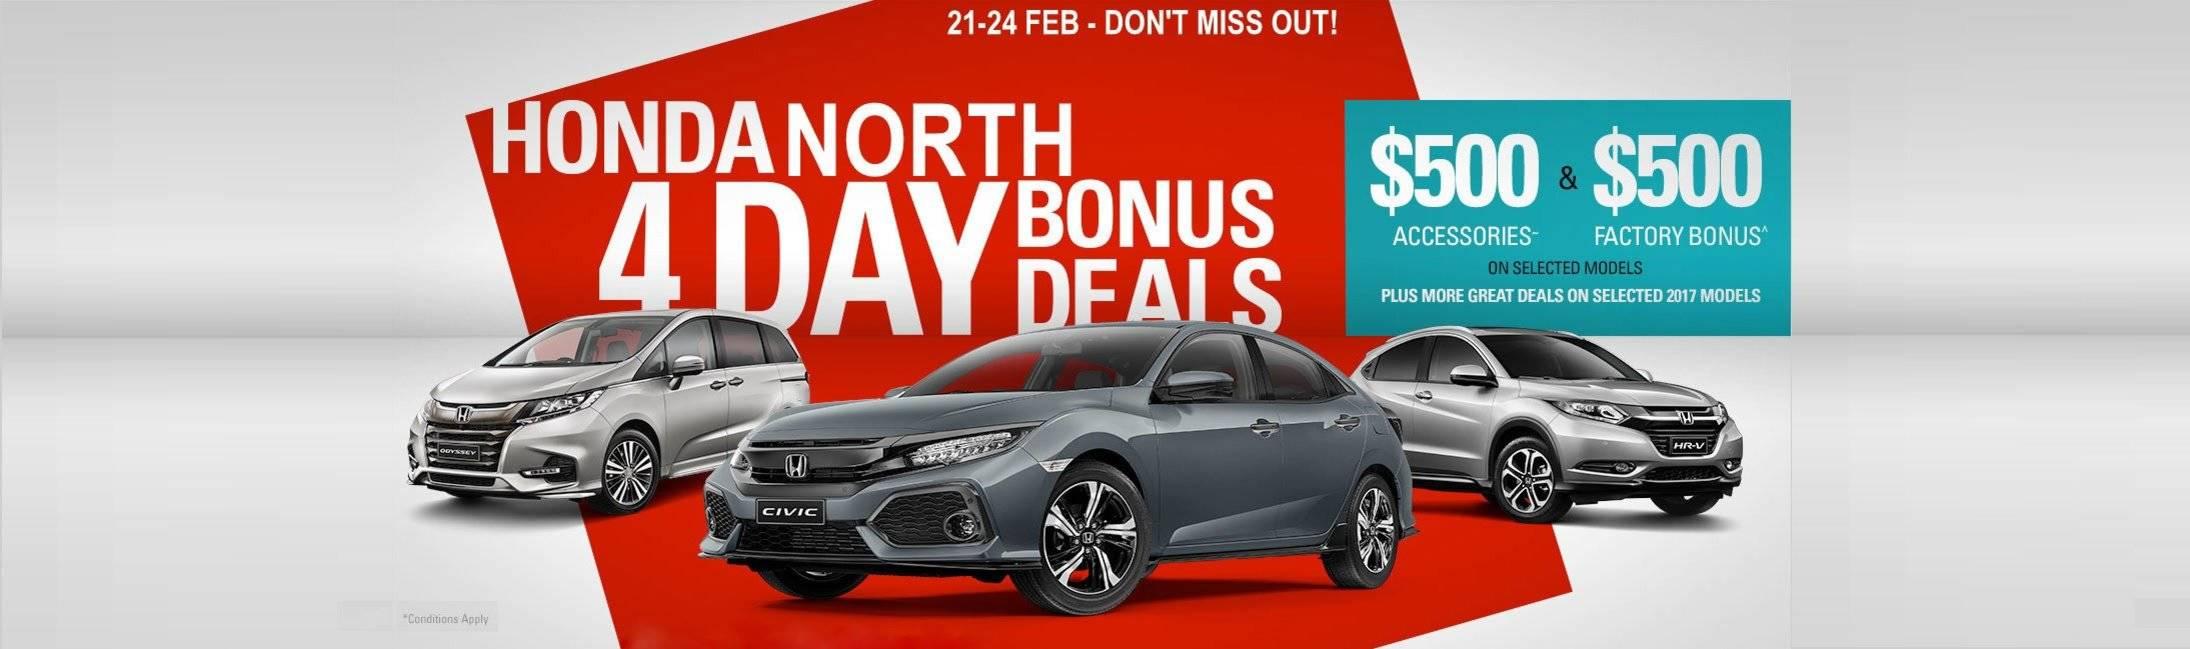 Honda North 4 Day Bonus